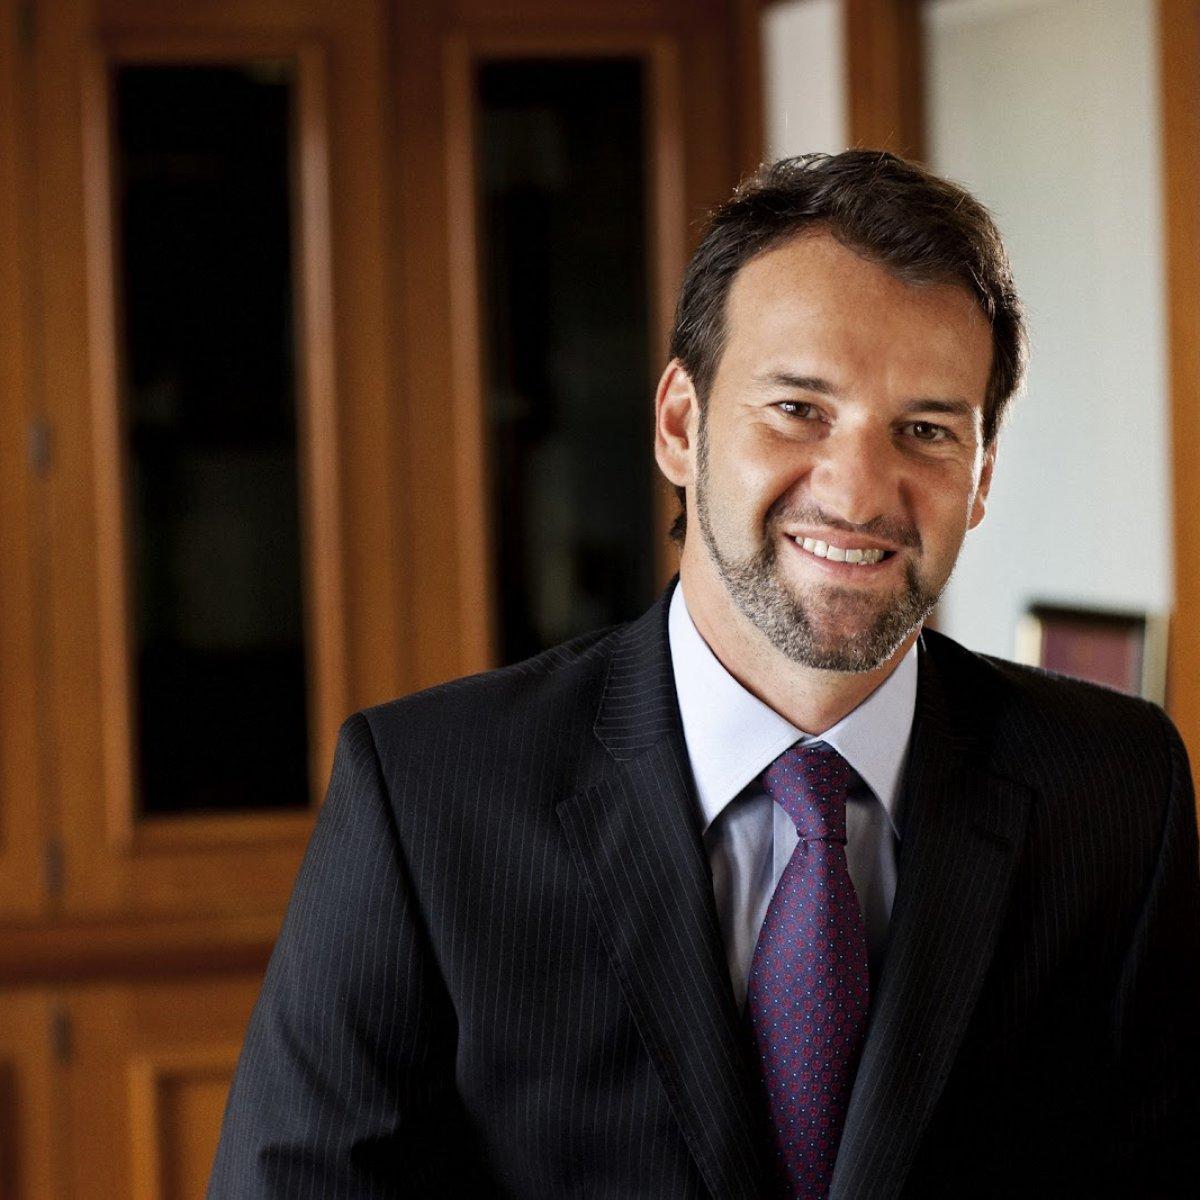 Conheça Eduardo Sirotsky Melzer, um dos empreendedores de maior sucesso do Brasil